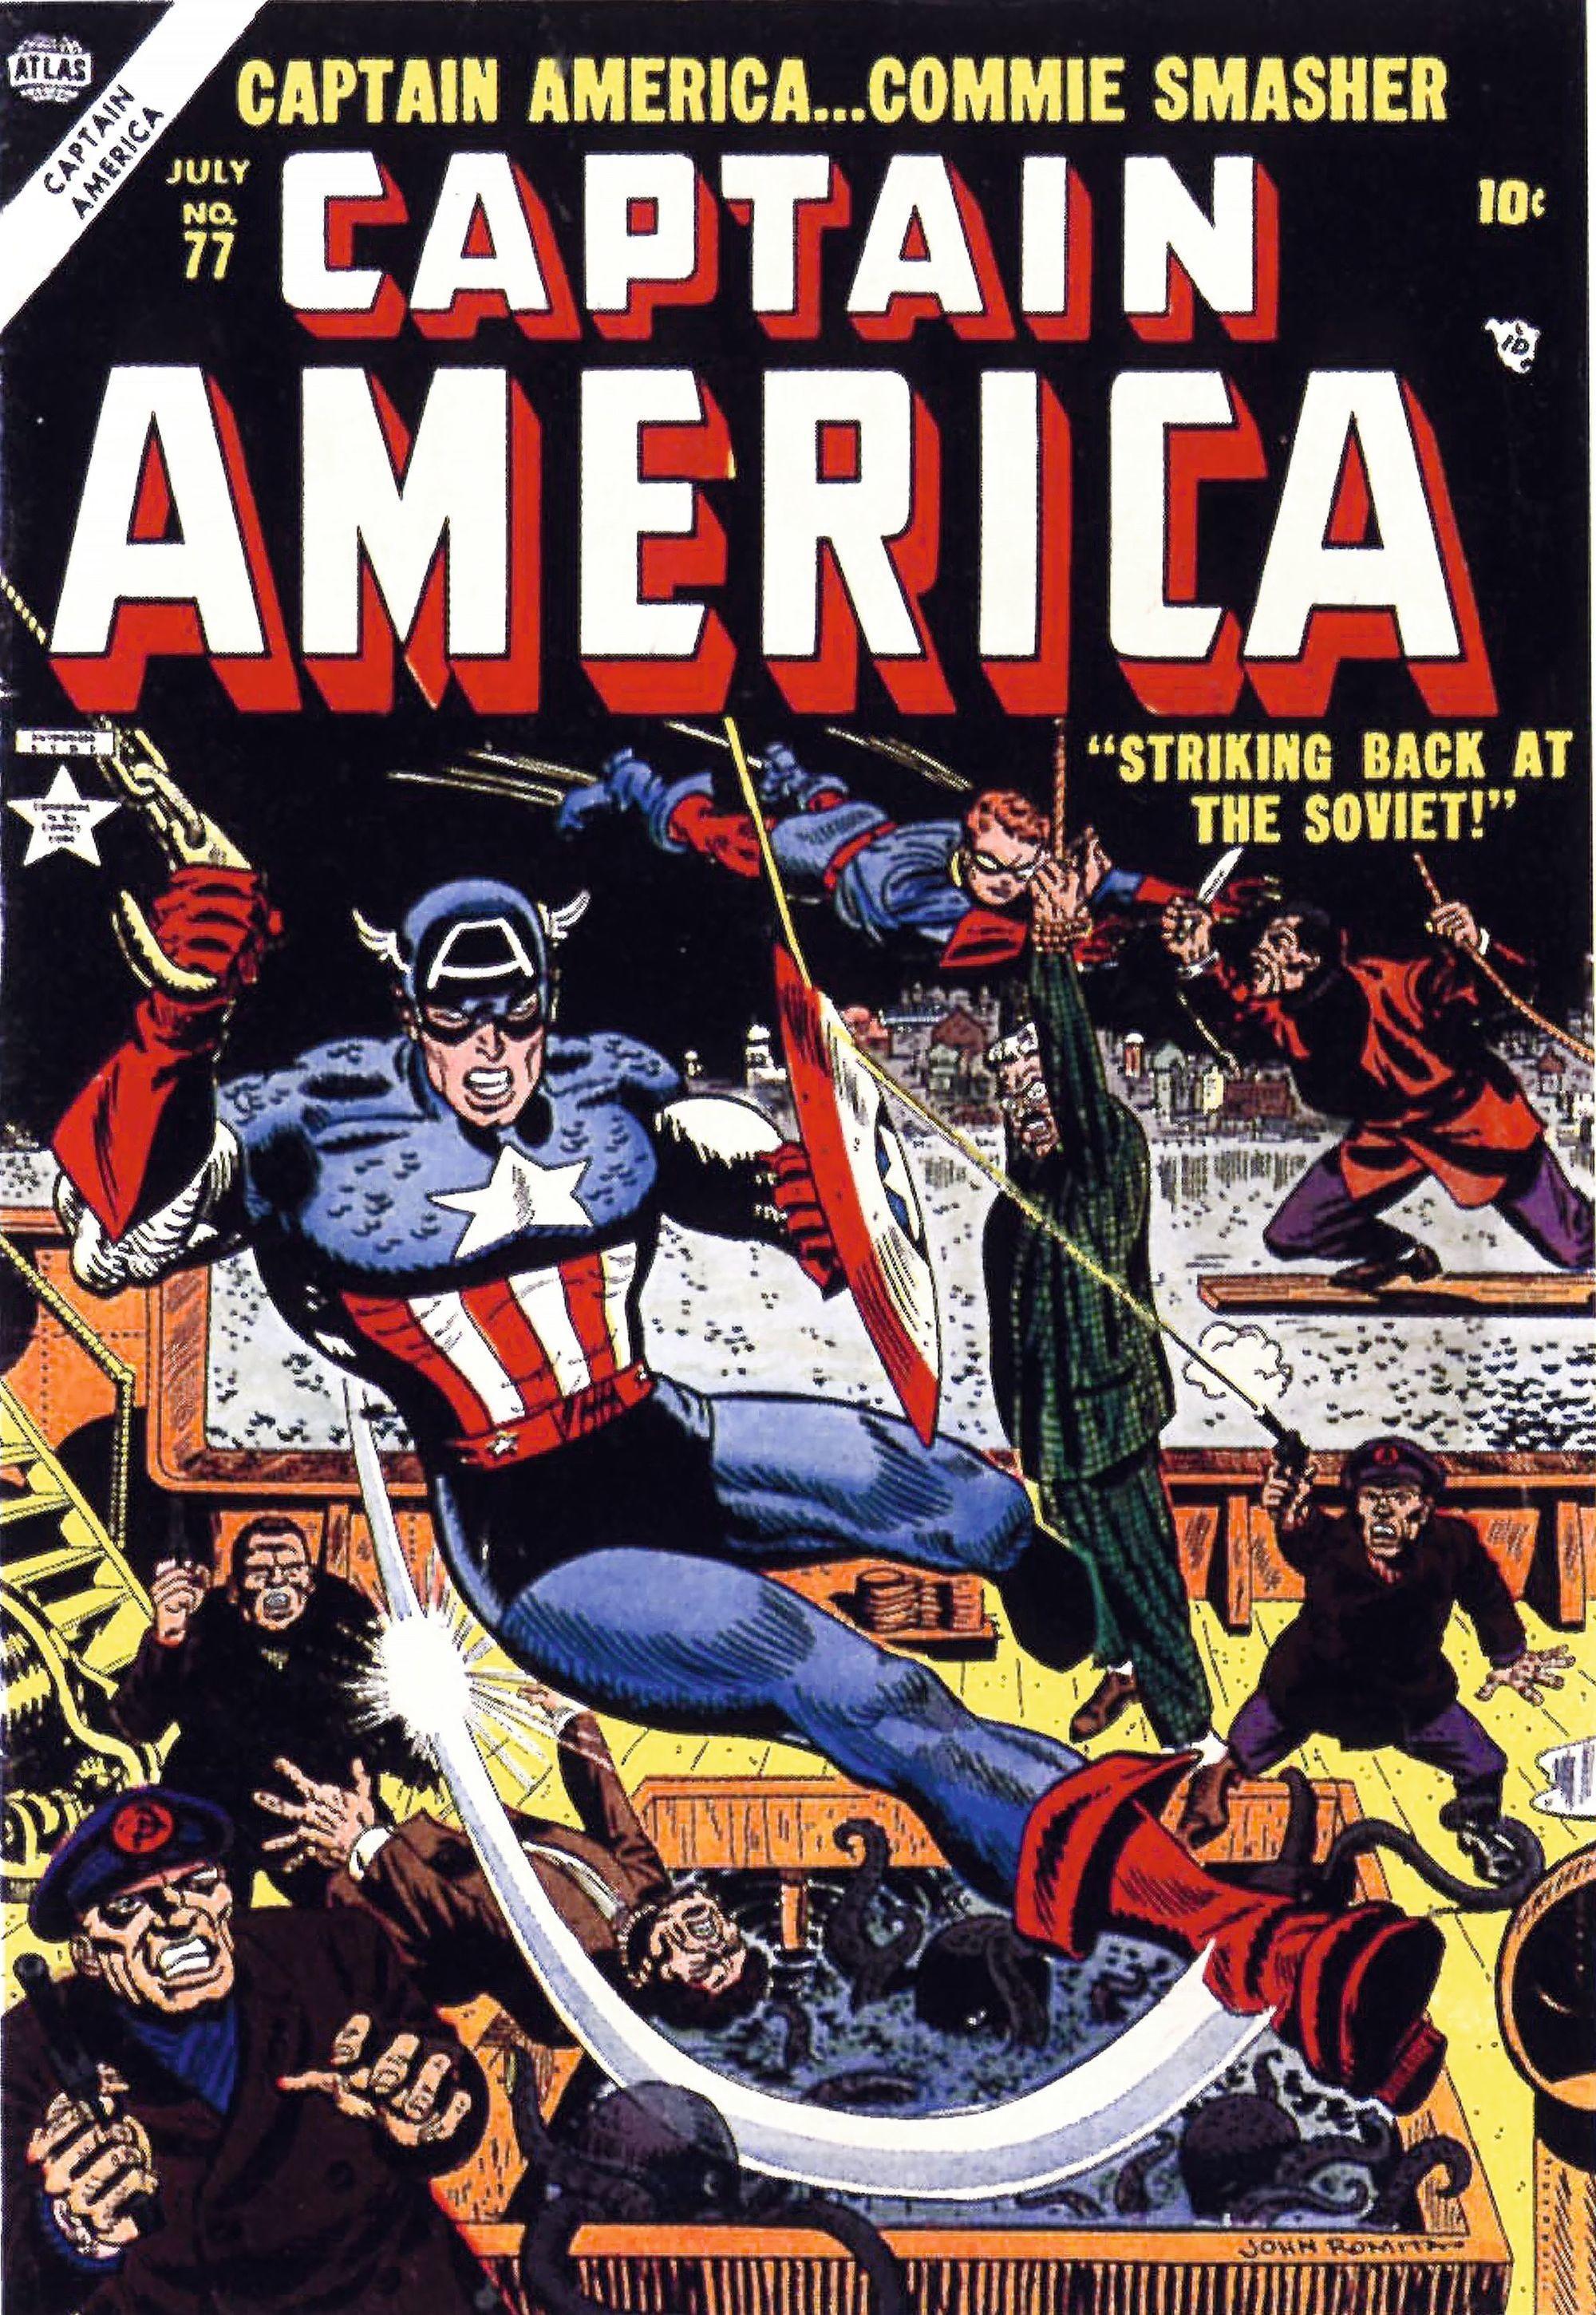 Couverture d'un numéro de Captain America, n°77, juillet 1954.